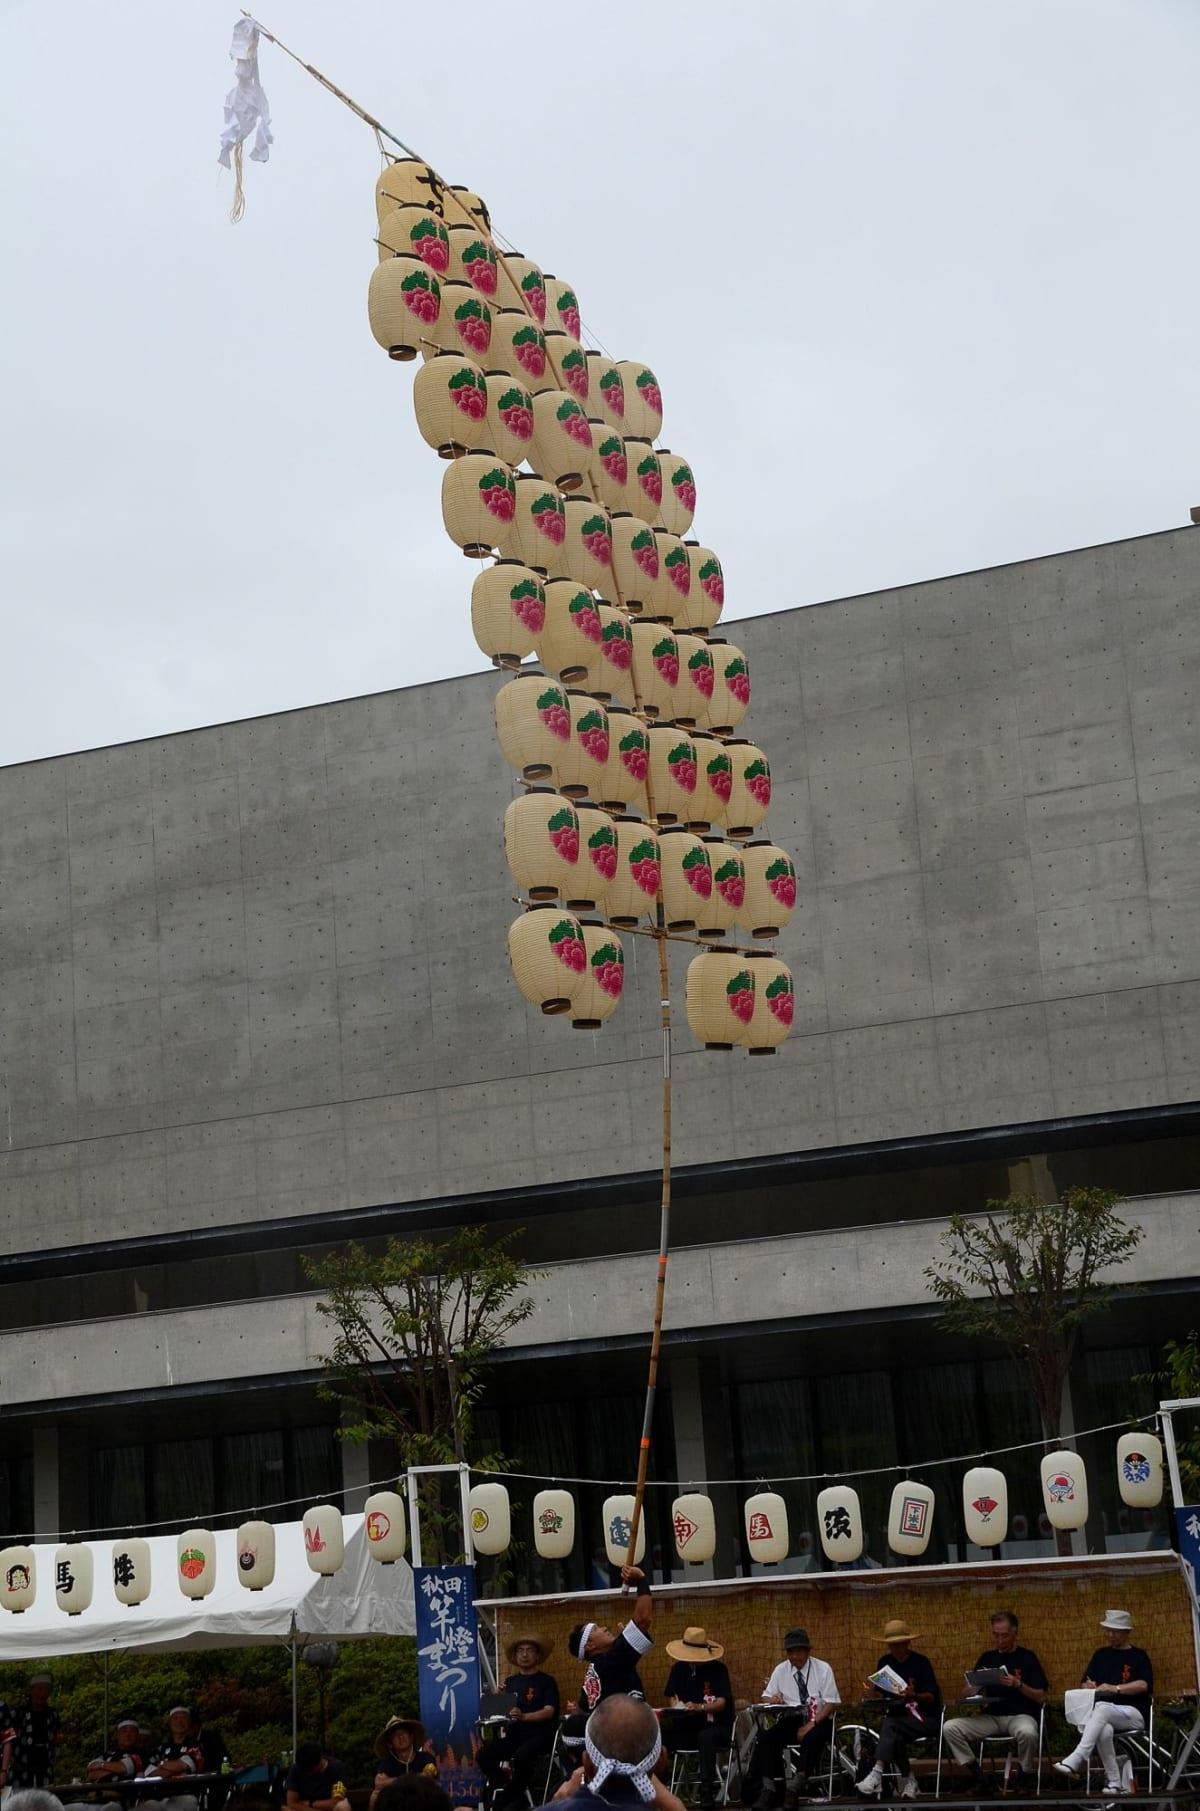 お昼の竿燈競技 | 秋田